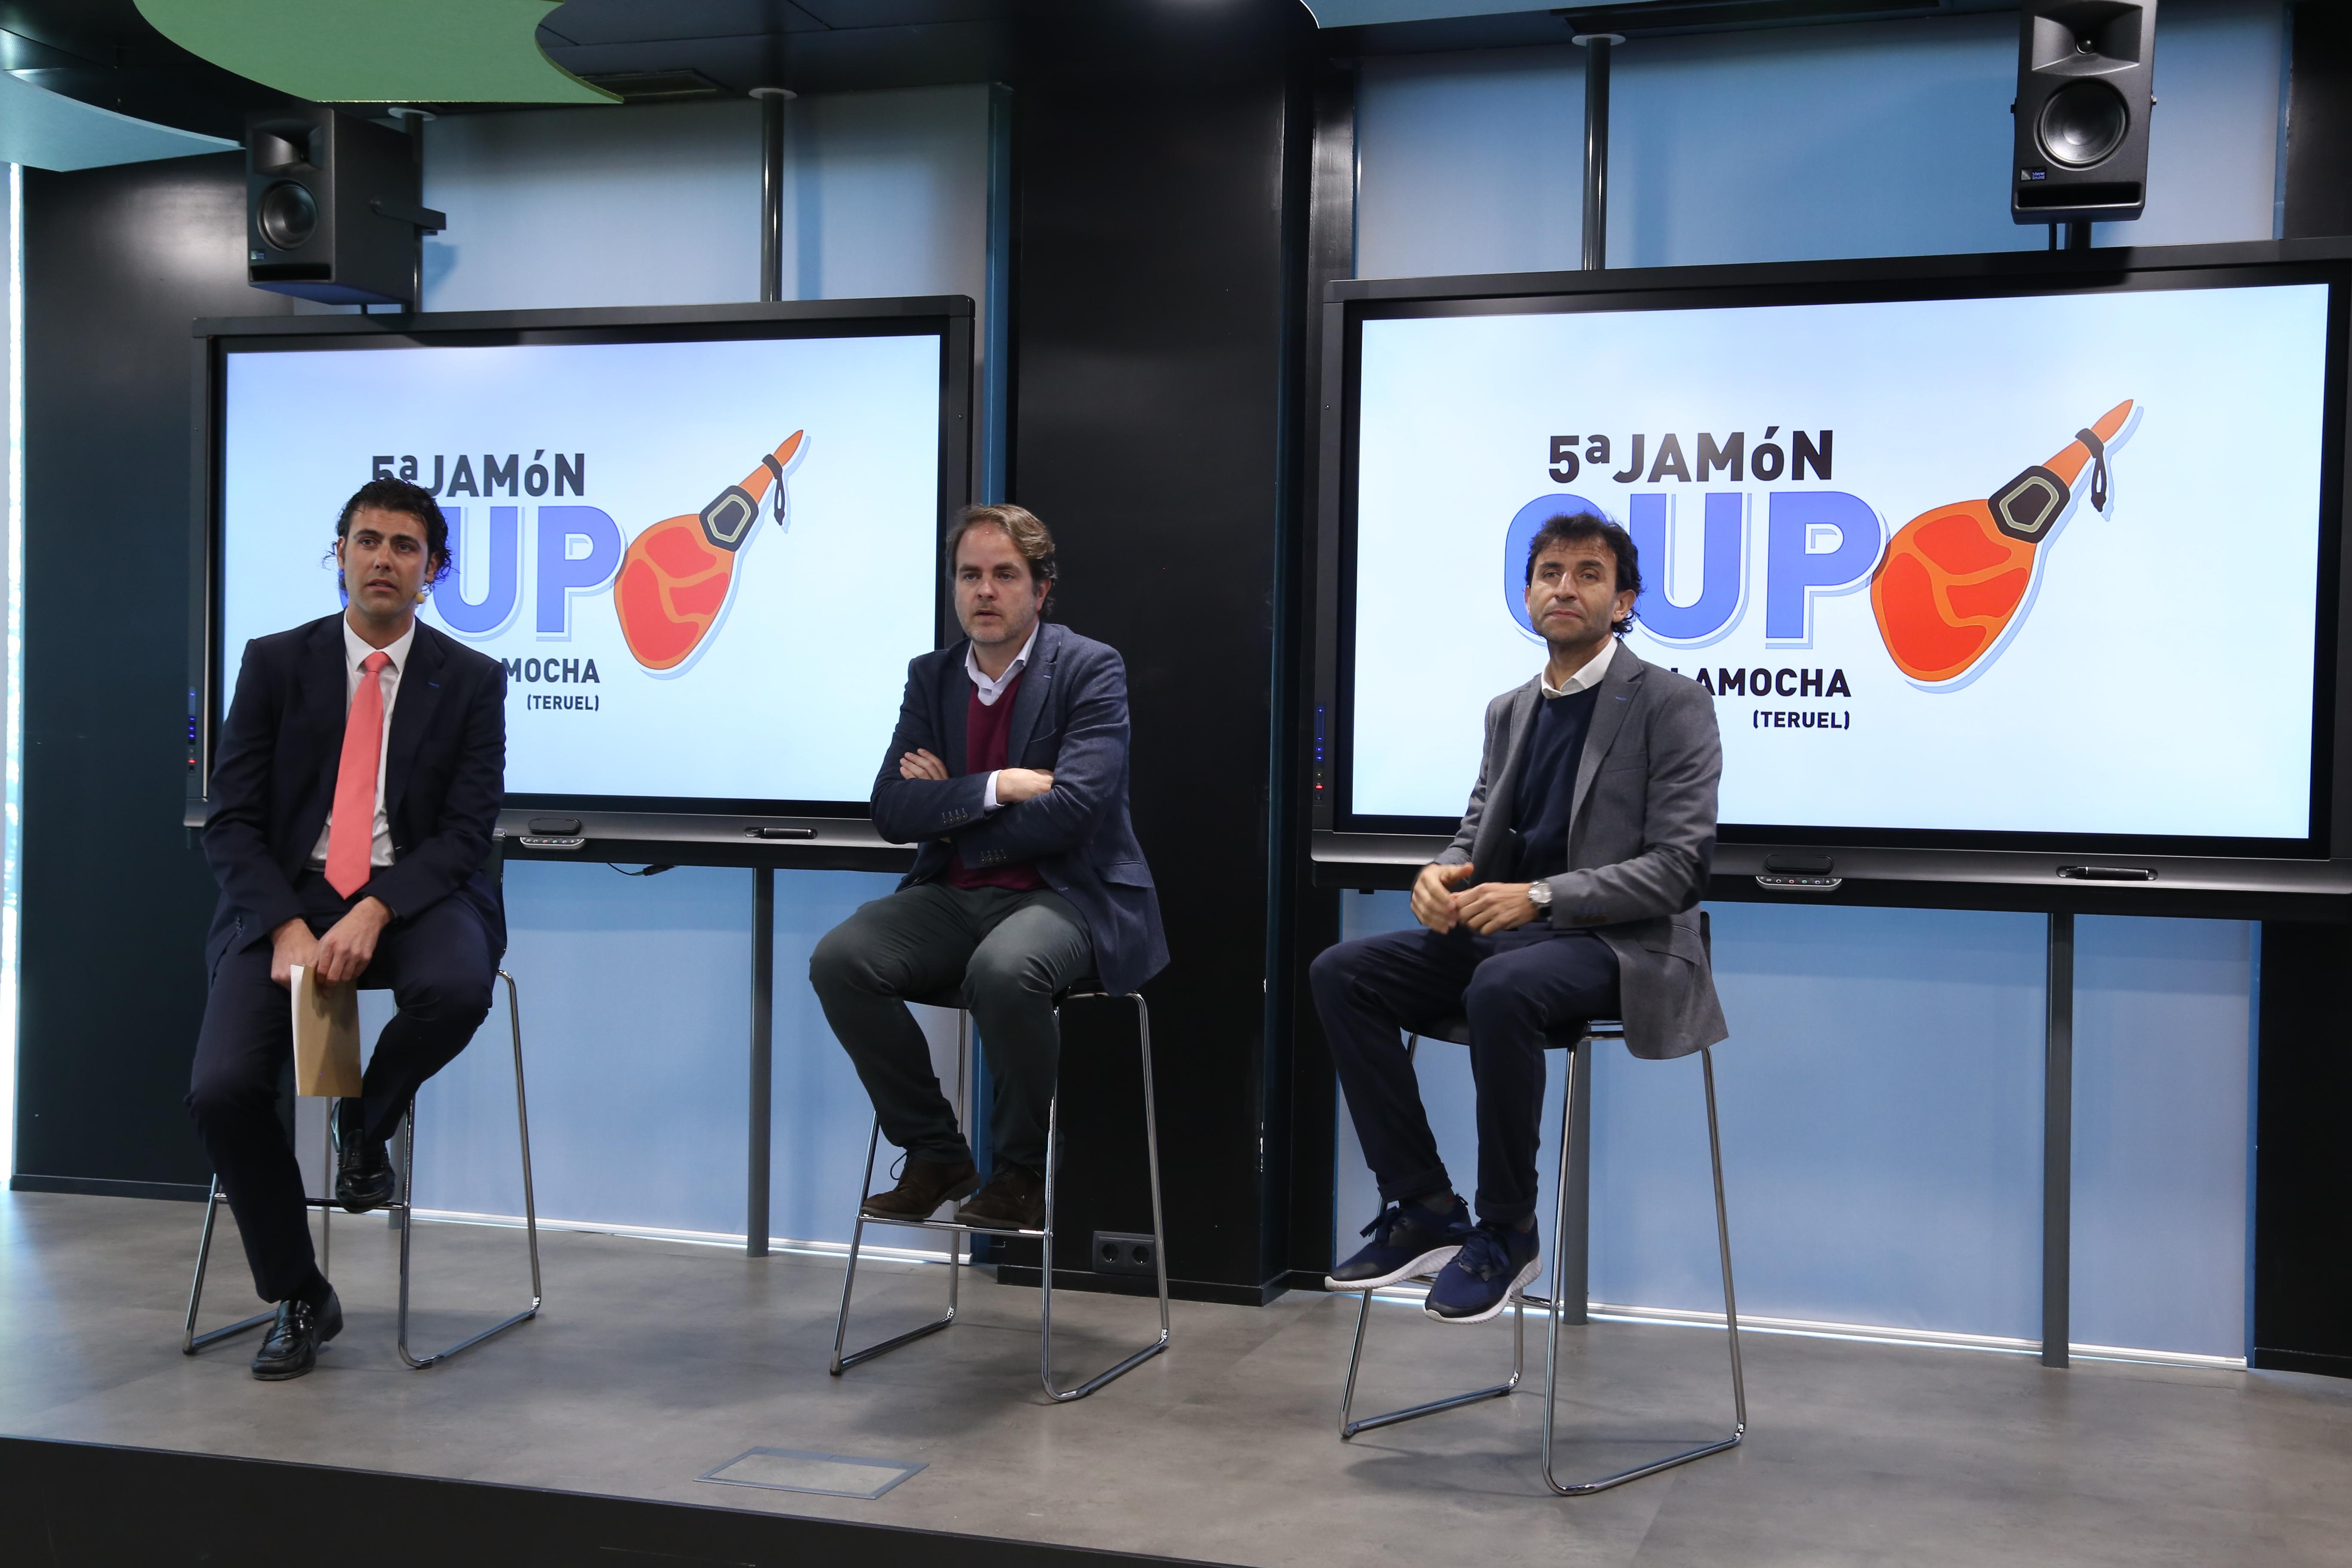 presentación Jamón Cup 2019-2